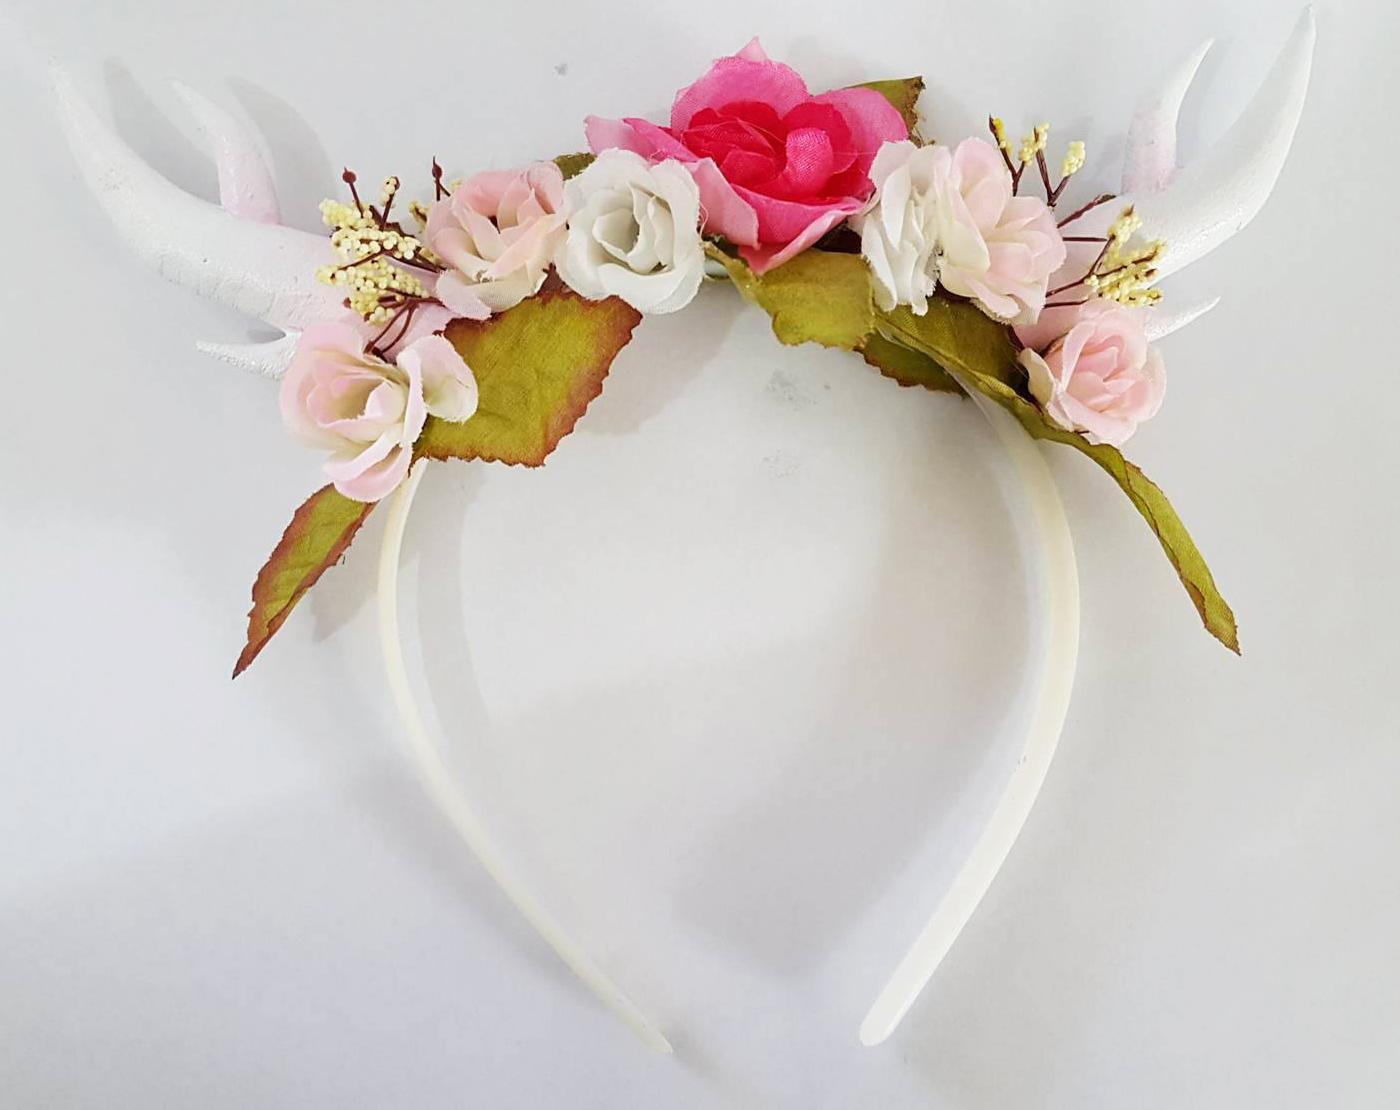 Deerie me flower crown mln online store powered by storenvy deerie me flower crown izmirmasajfo